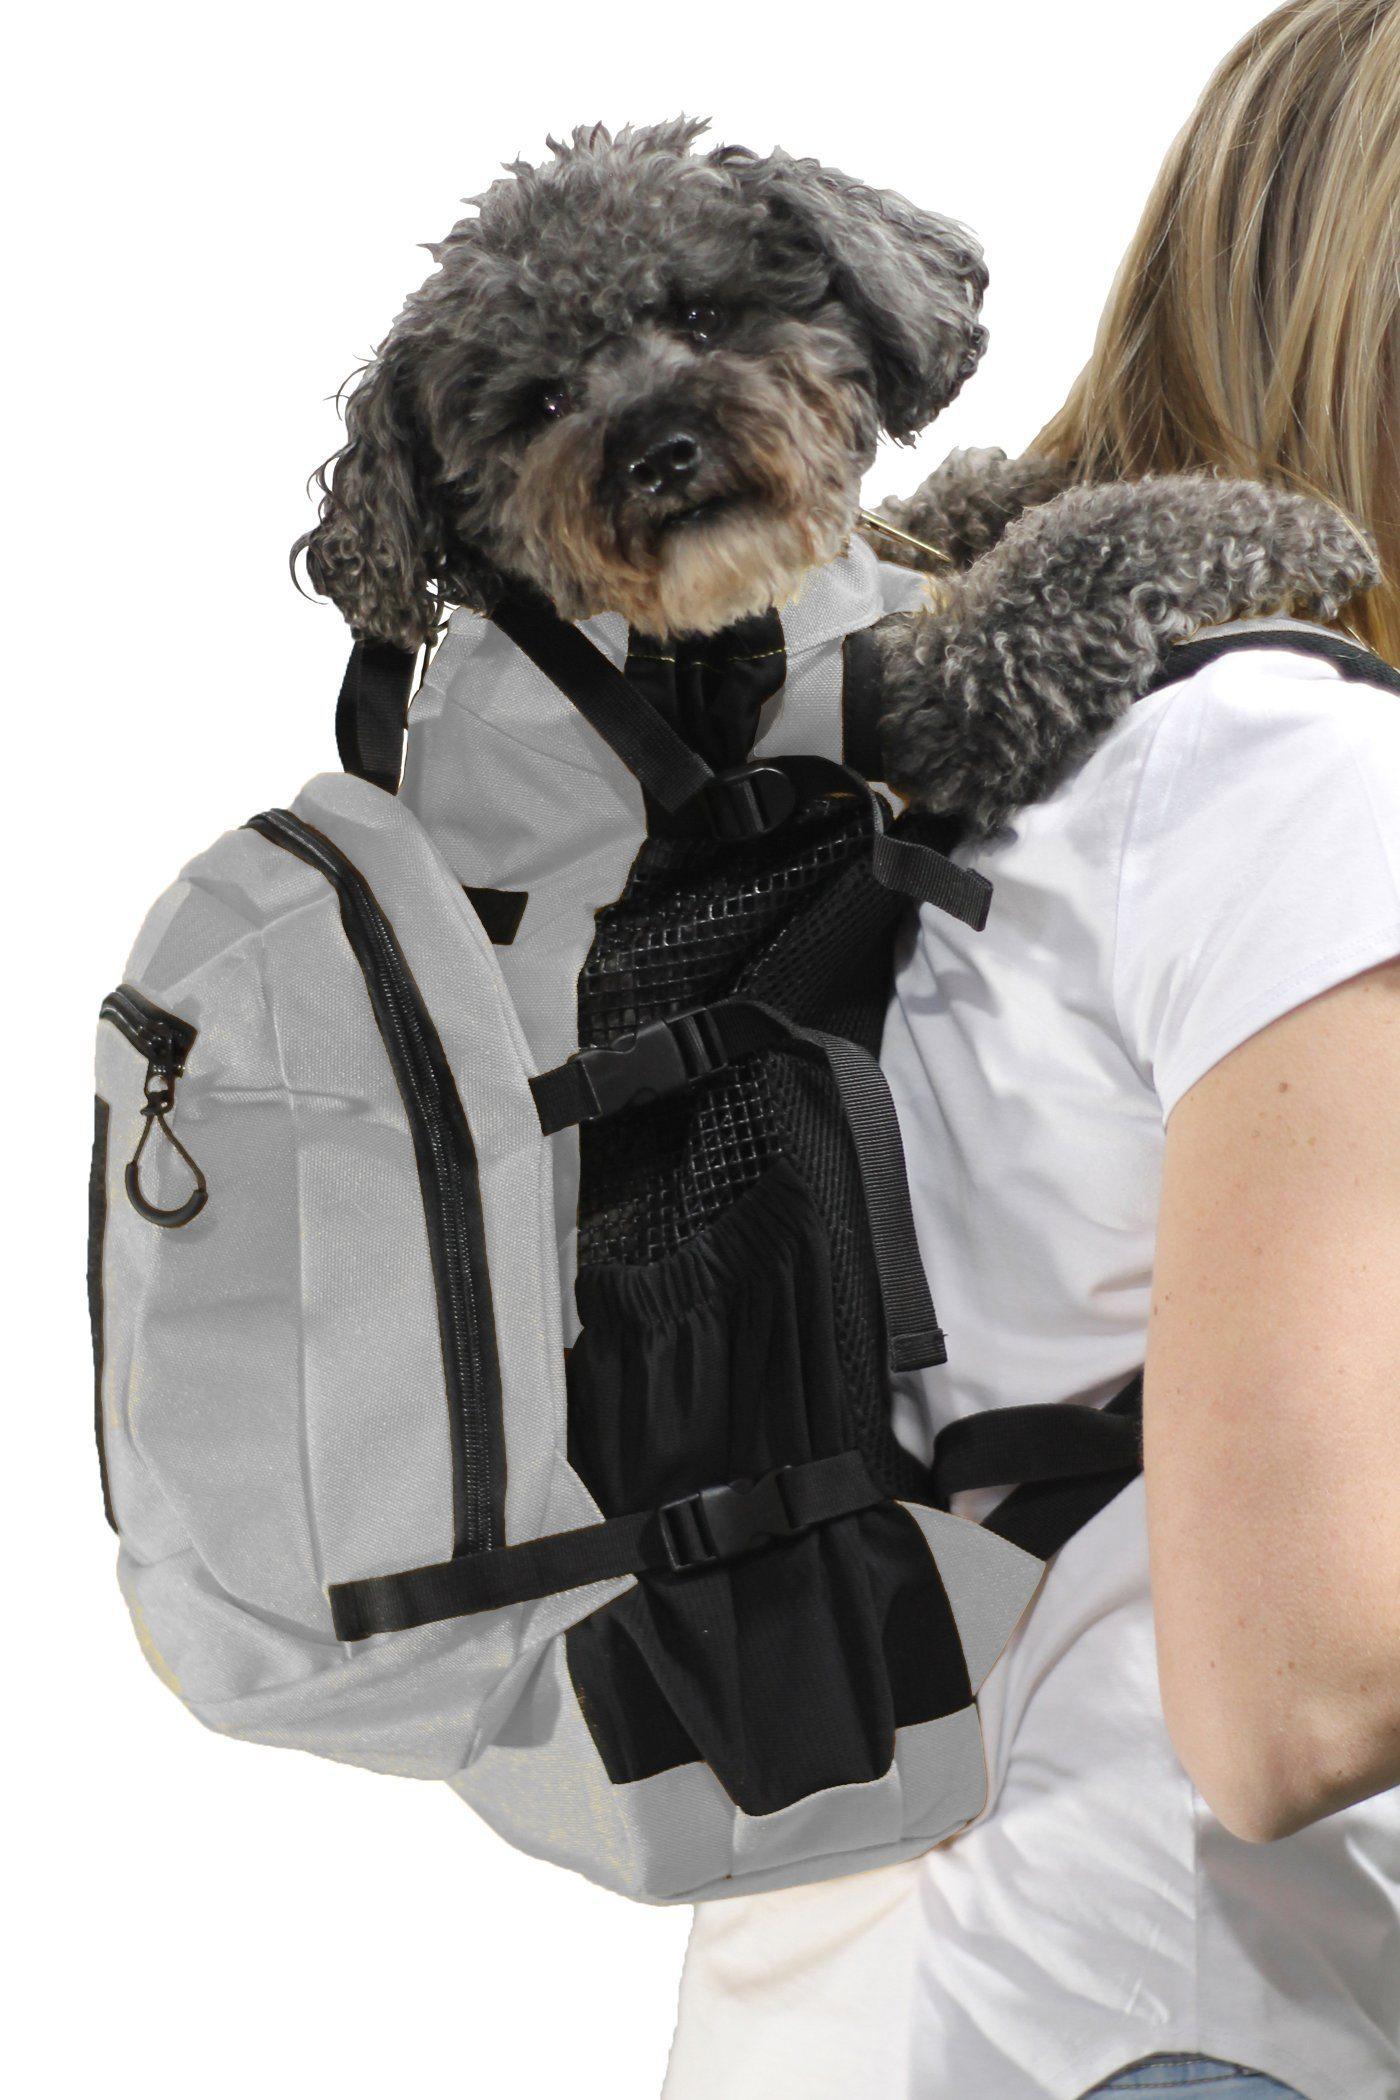 Air plus Dog carrier, Dog backpack, Bag storage